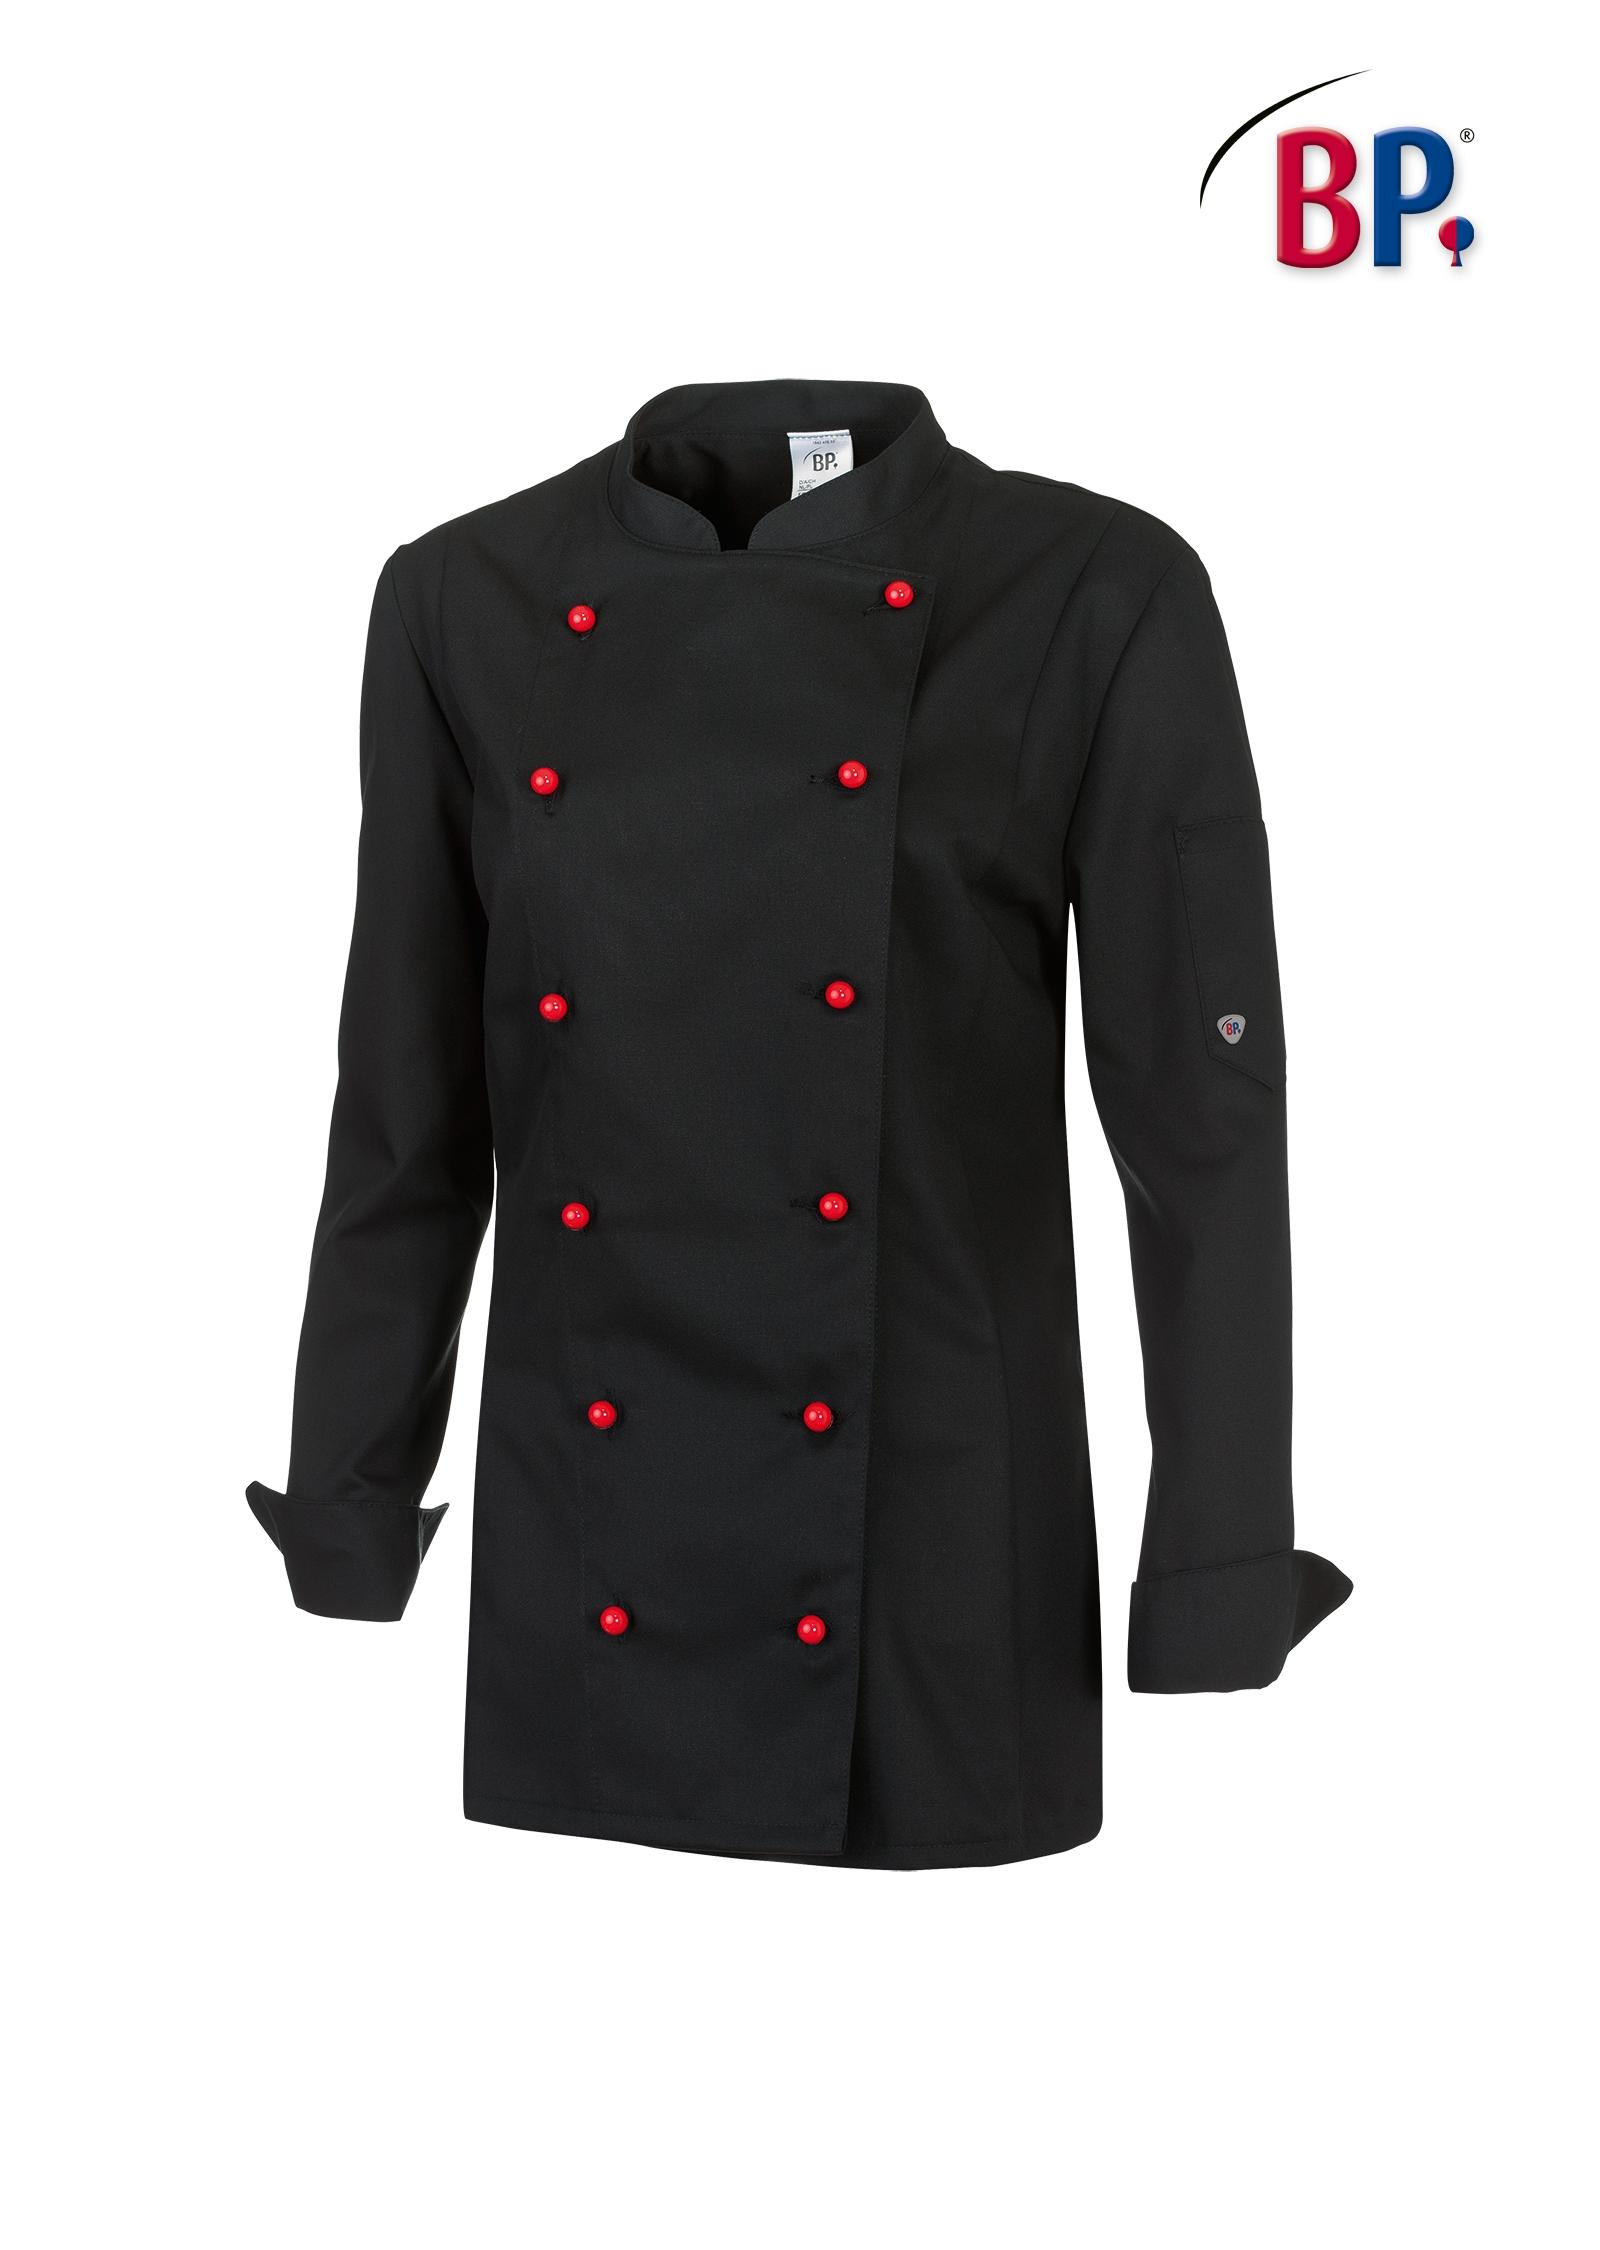 BP, Kochjacke für Damen 1542 400